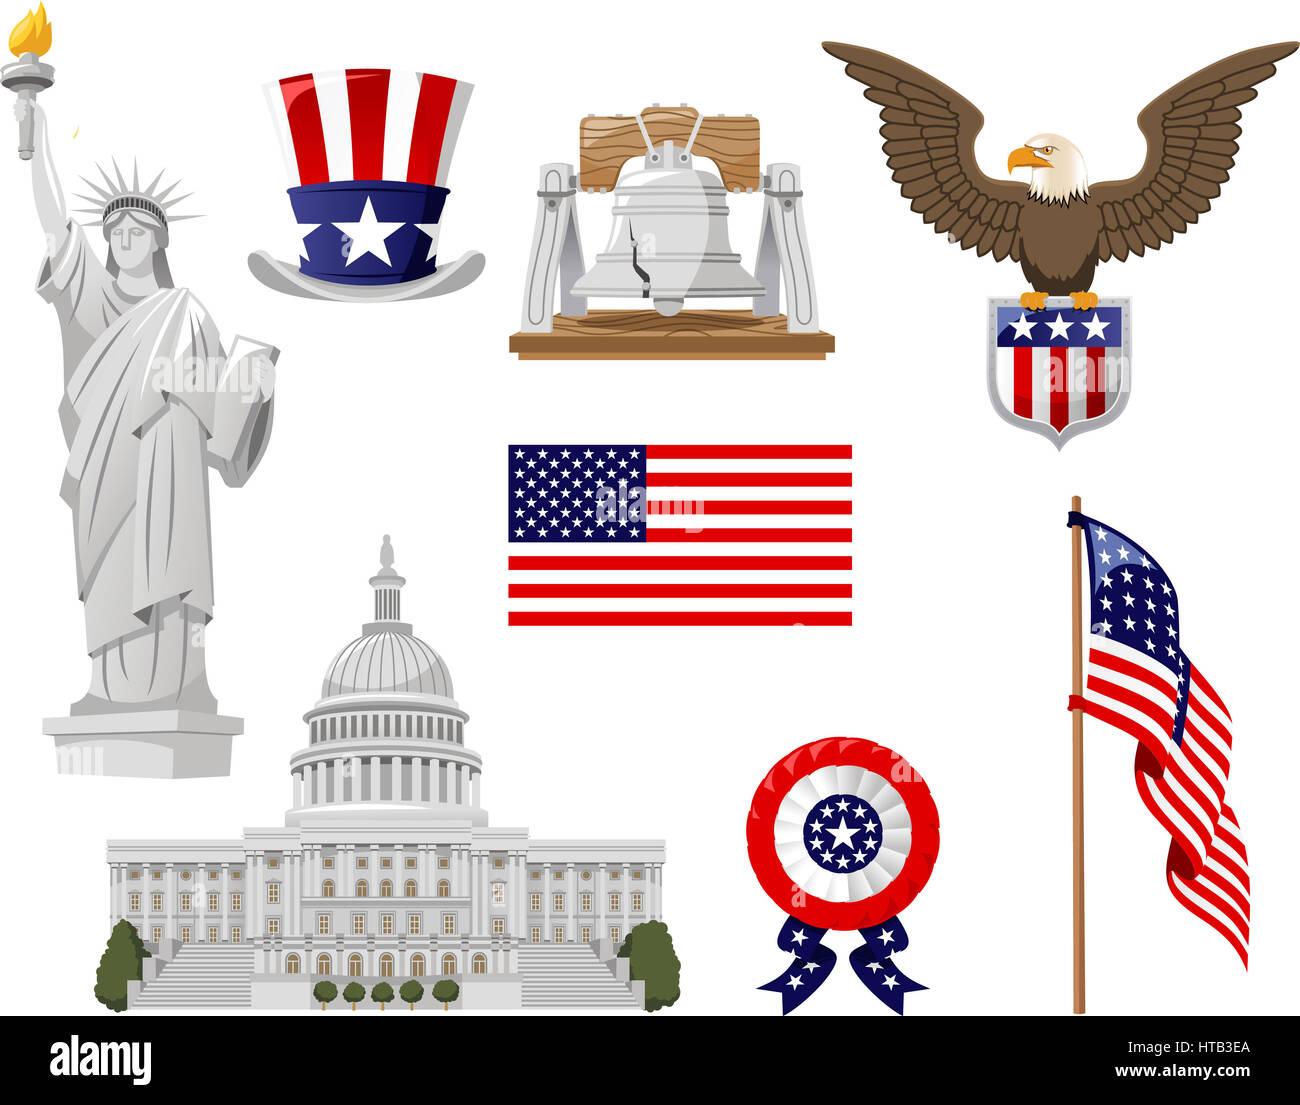 La culture américaine vector illustration icônes, telles que top hat, Bell, la statue de la liberté, a signalé pays, drapeau, collection de la maison blanche. Banque D'Images